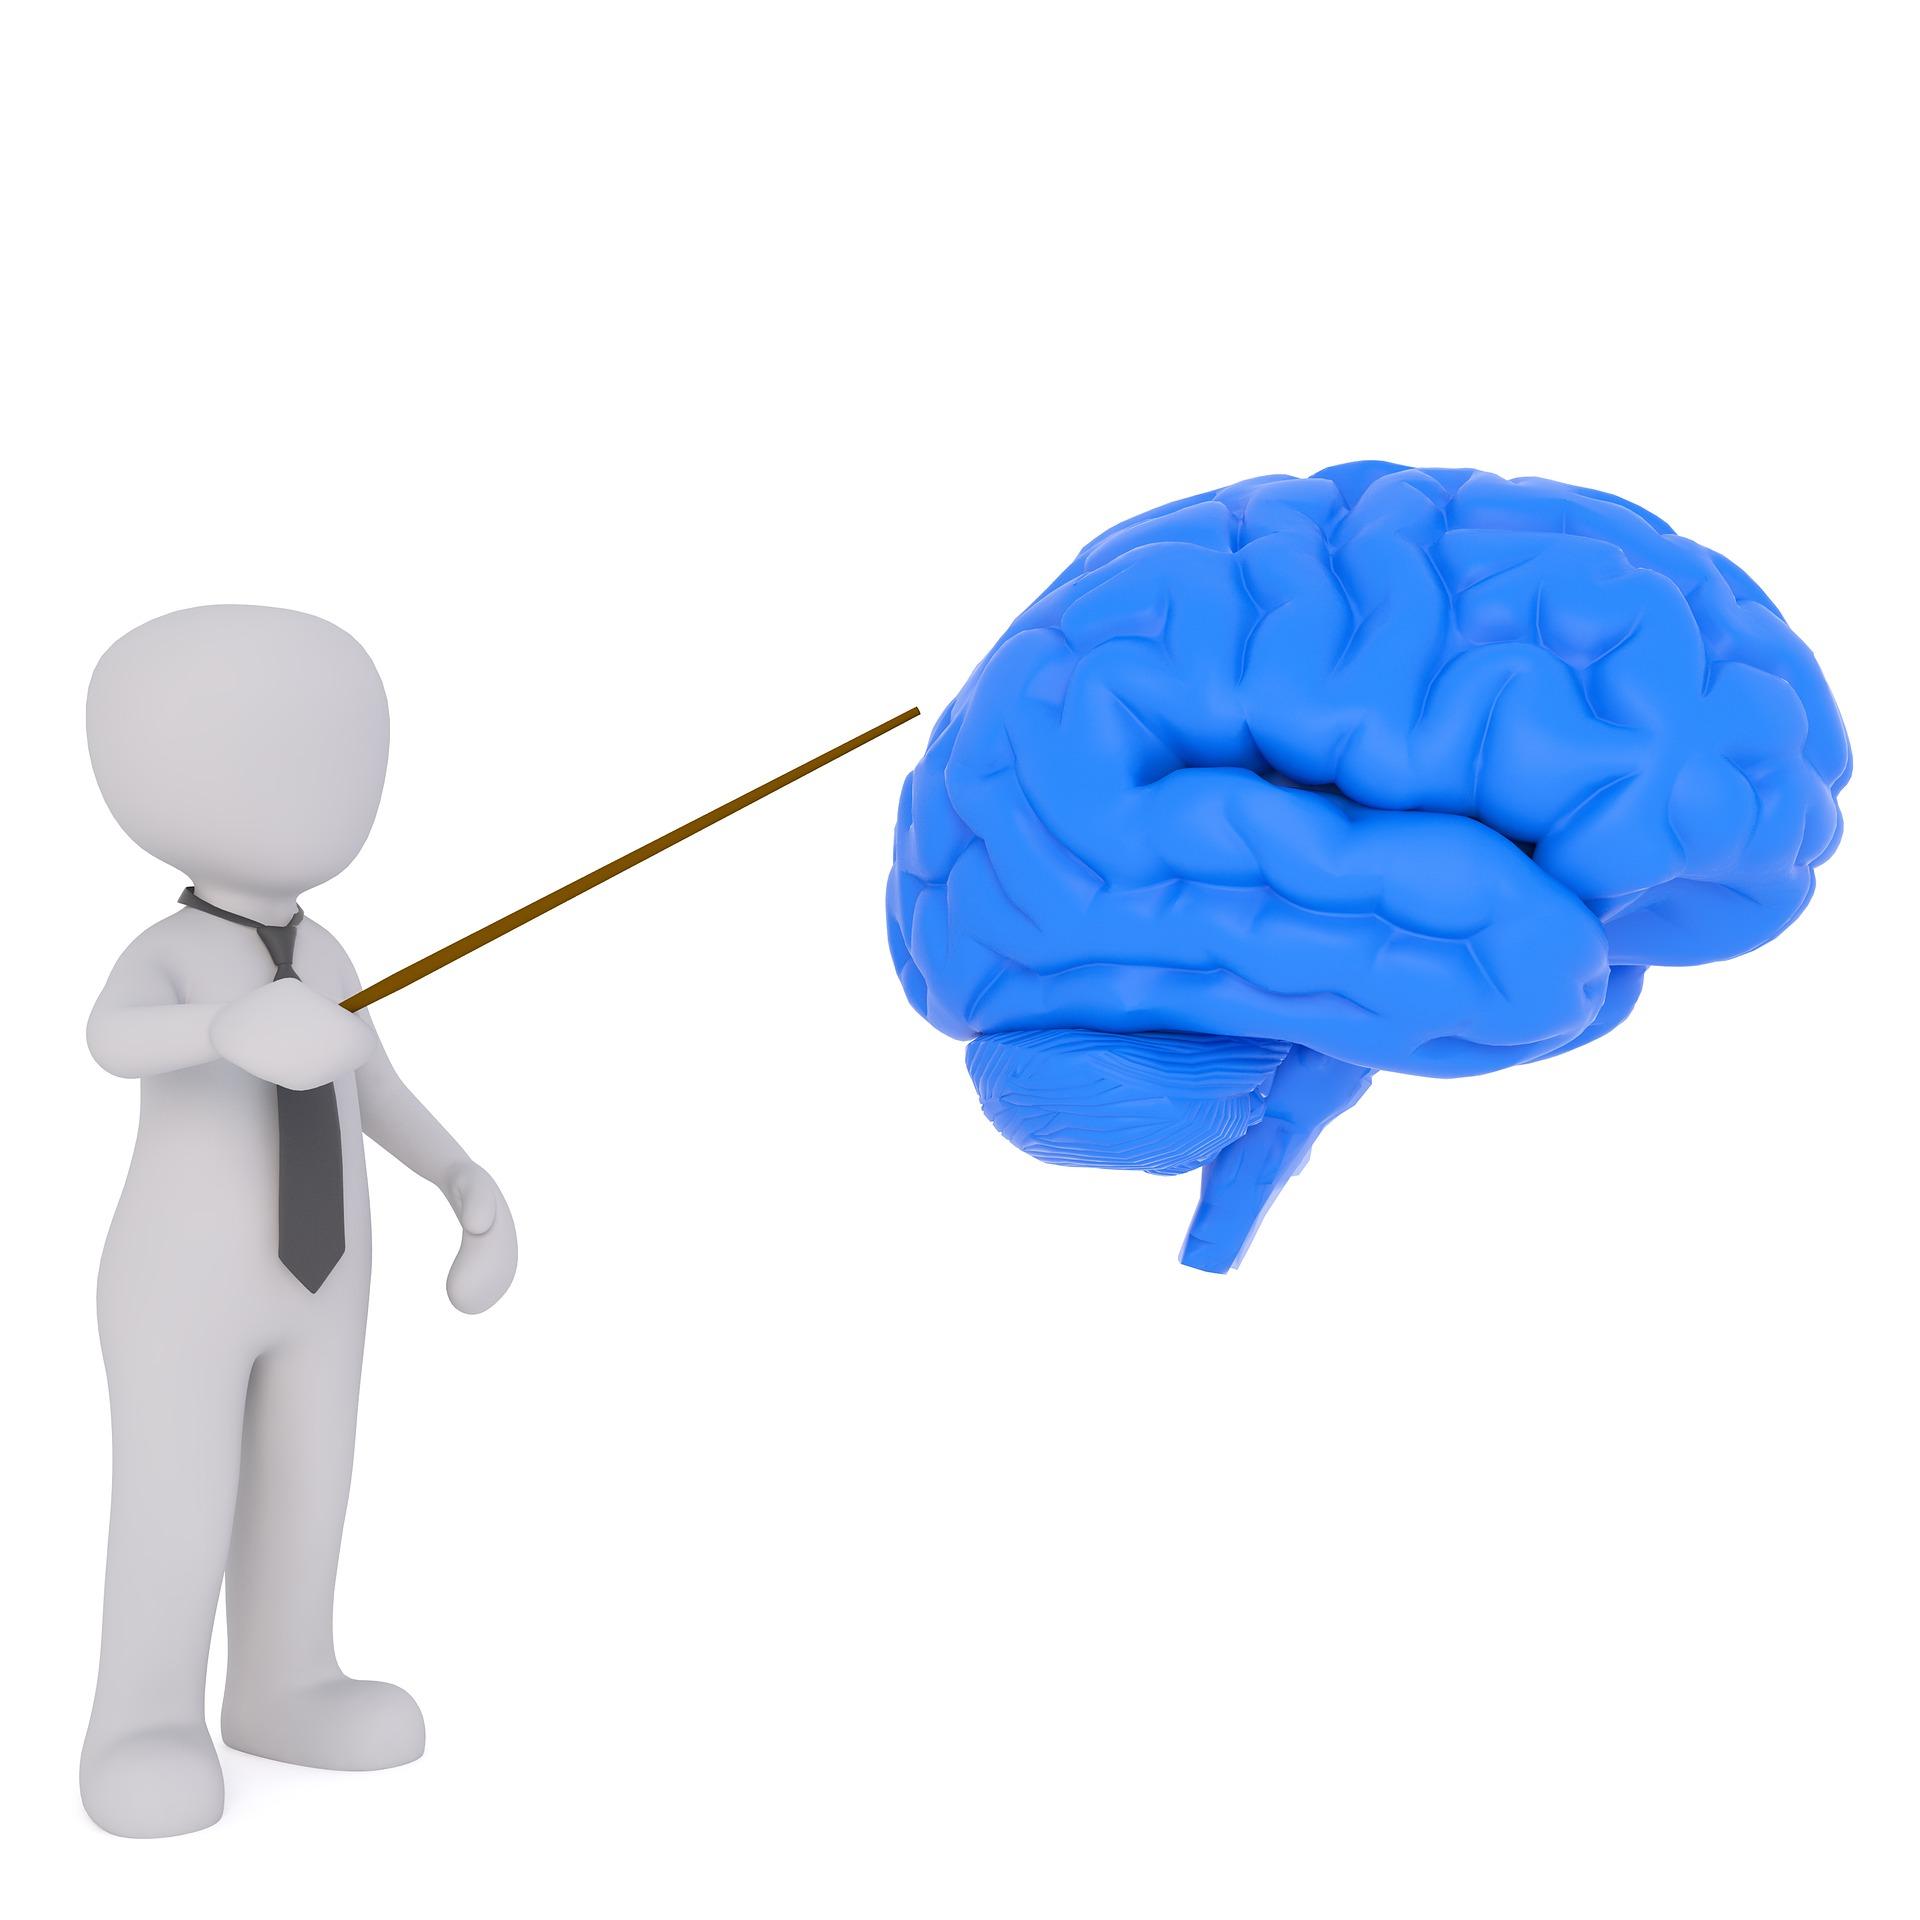 Eine animierte Figur, die als Lehrer zu erknnen ist, deutet mit einem Zeigestock auf ein animiertes Gehirn.